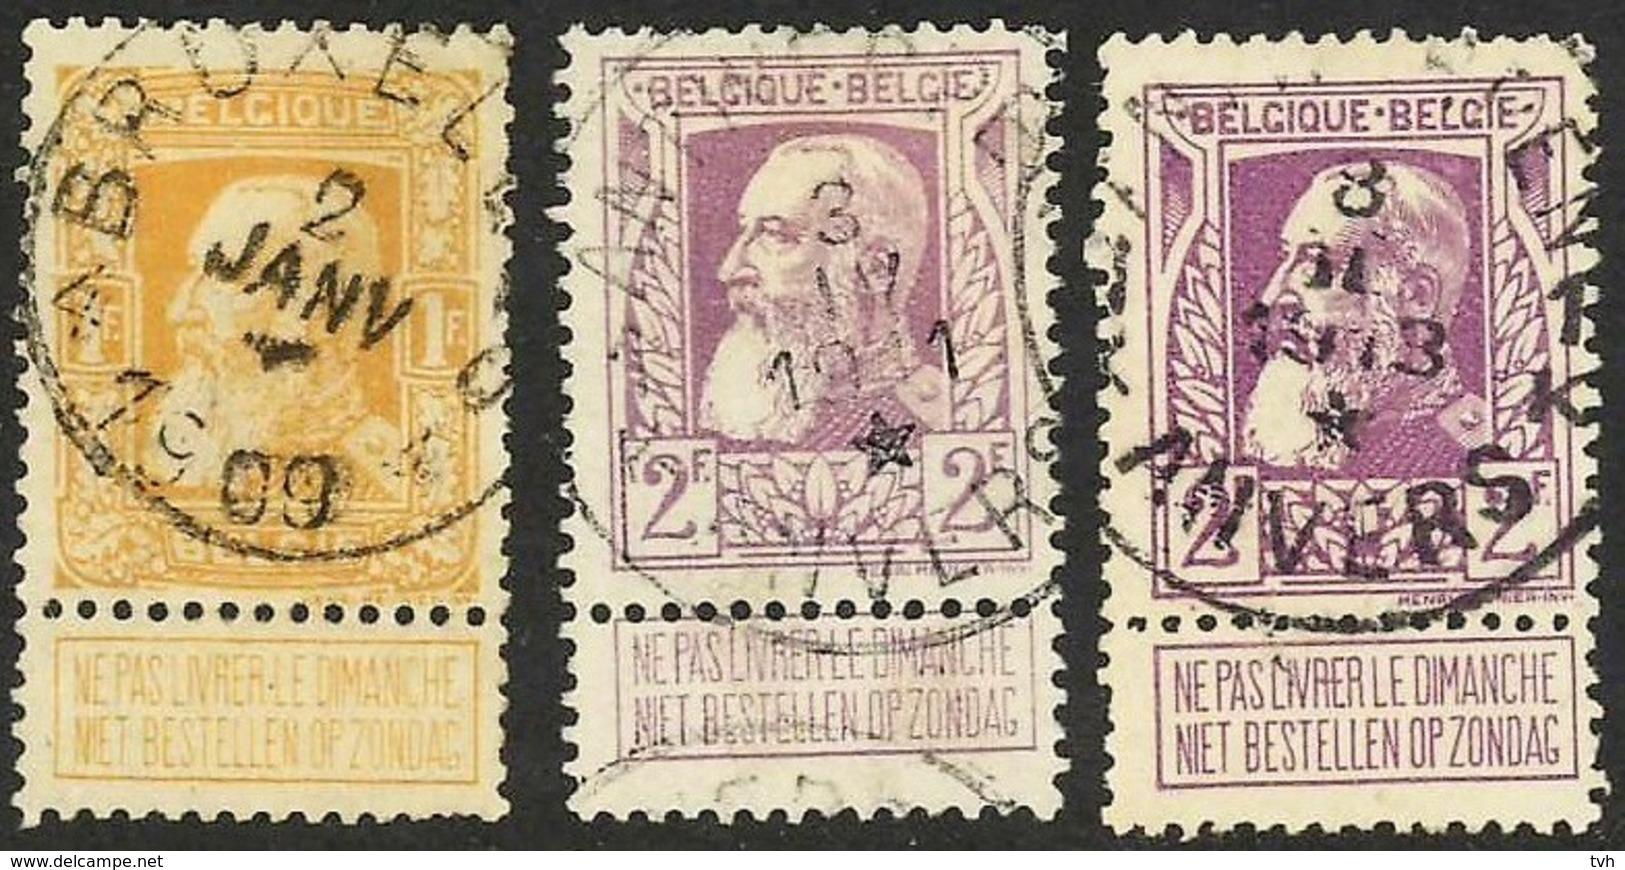 Zegel N°79 Bruxelles 4 Met Ster / 2 Zegels N° 80 Antwerpen/Anvers 1K Met Ster Op De 4e Plaats - 1905 Grosse Barbe